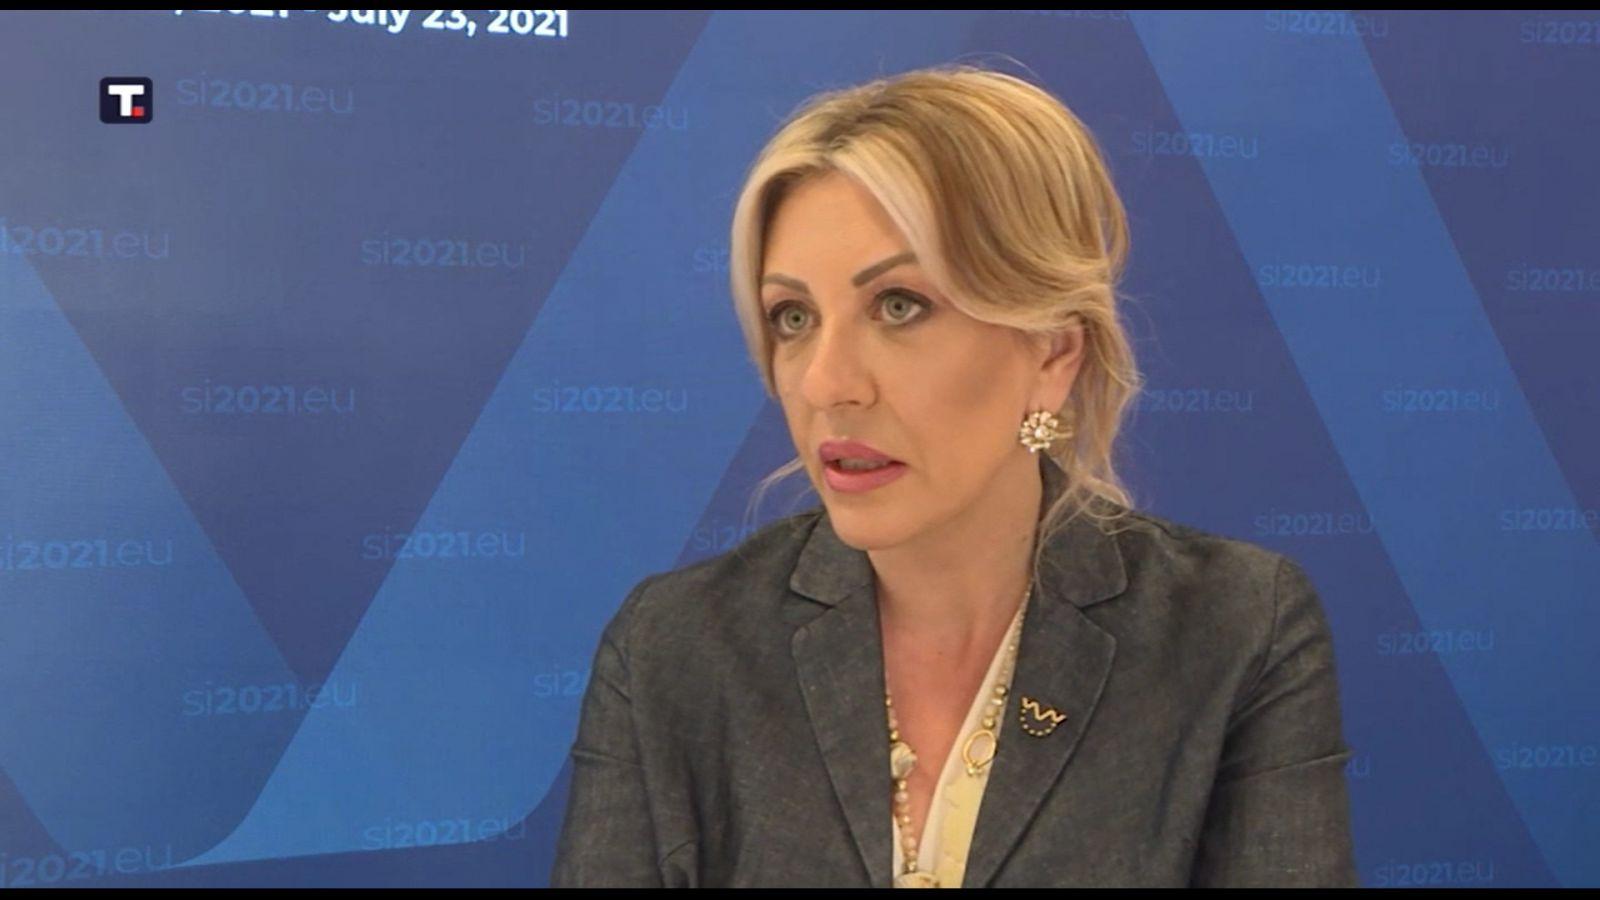 Ј. Јоксимовић: И током кризе сачували смо добре макроекономске показатеље